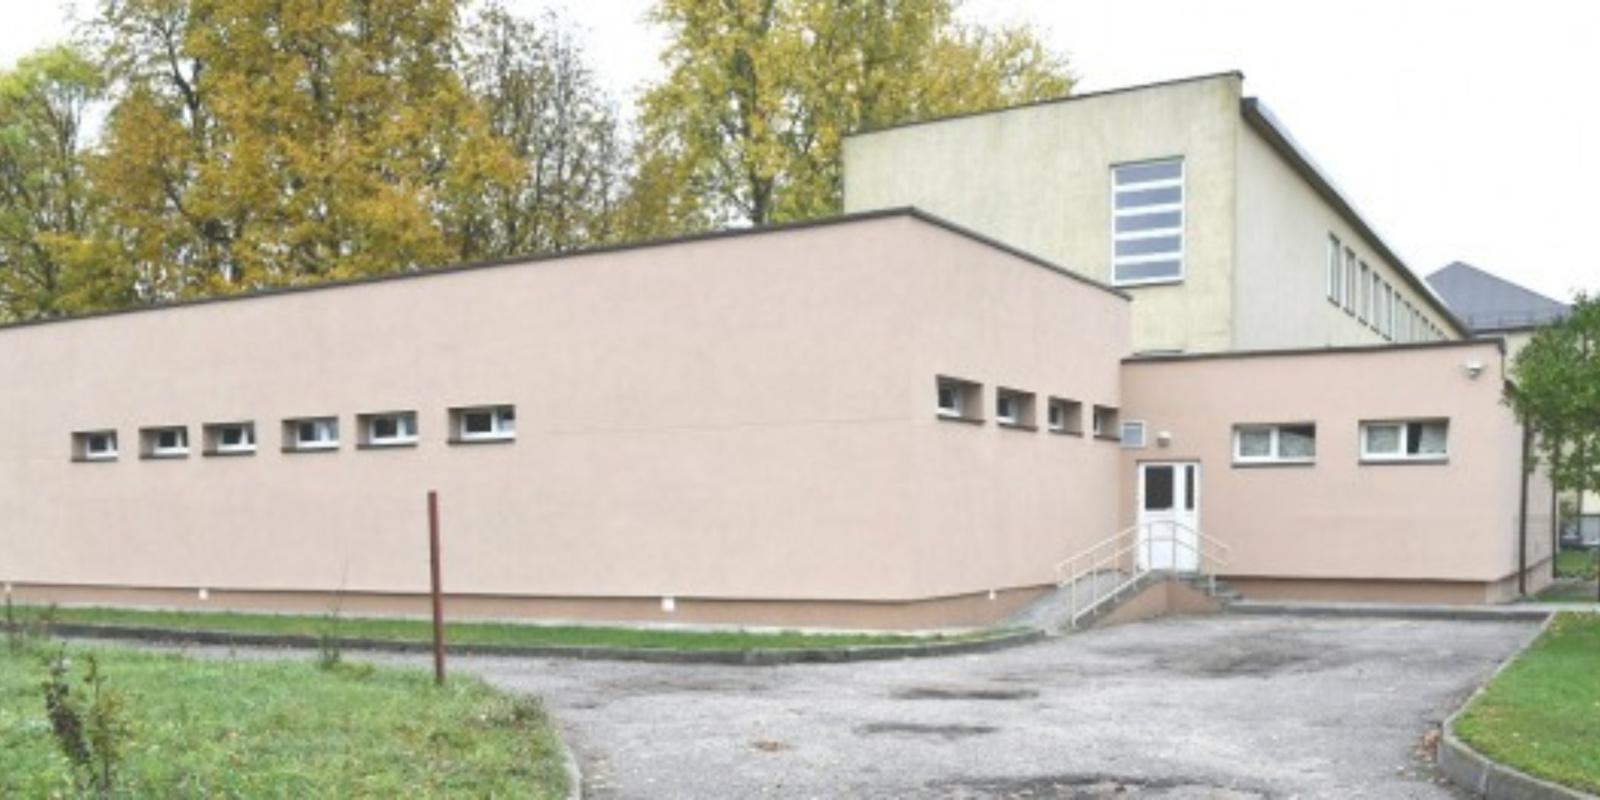 Perduota naudojimui Eišiškių gimnazijos teniso salė